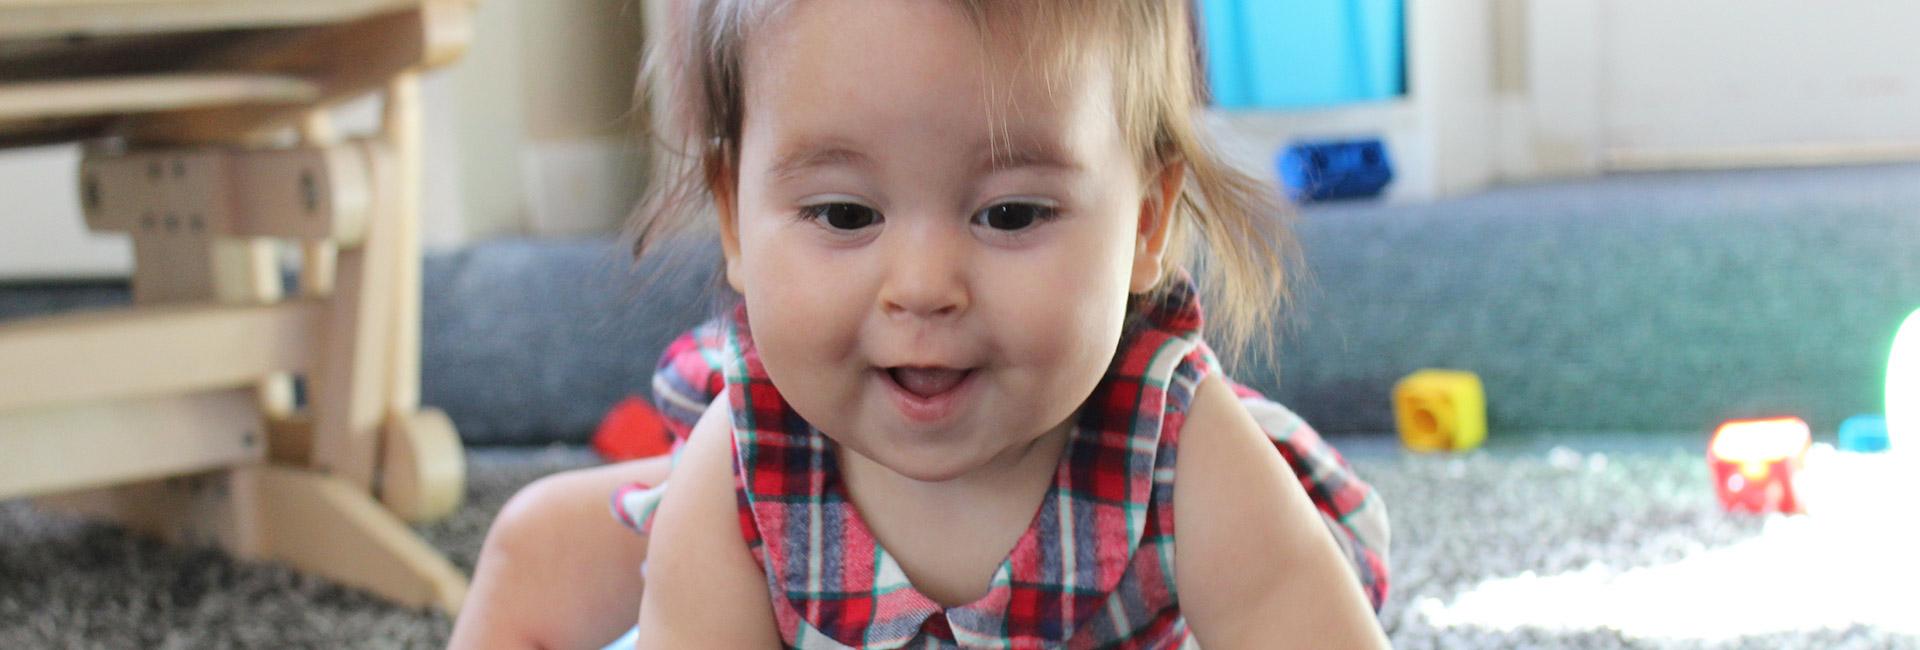 Baby in Church nursery crawling